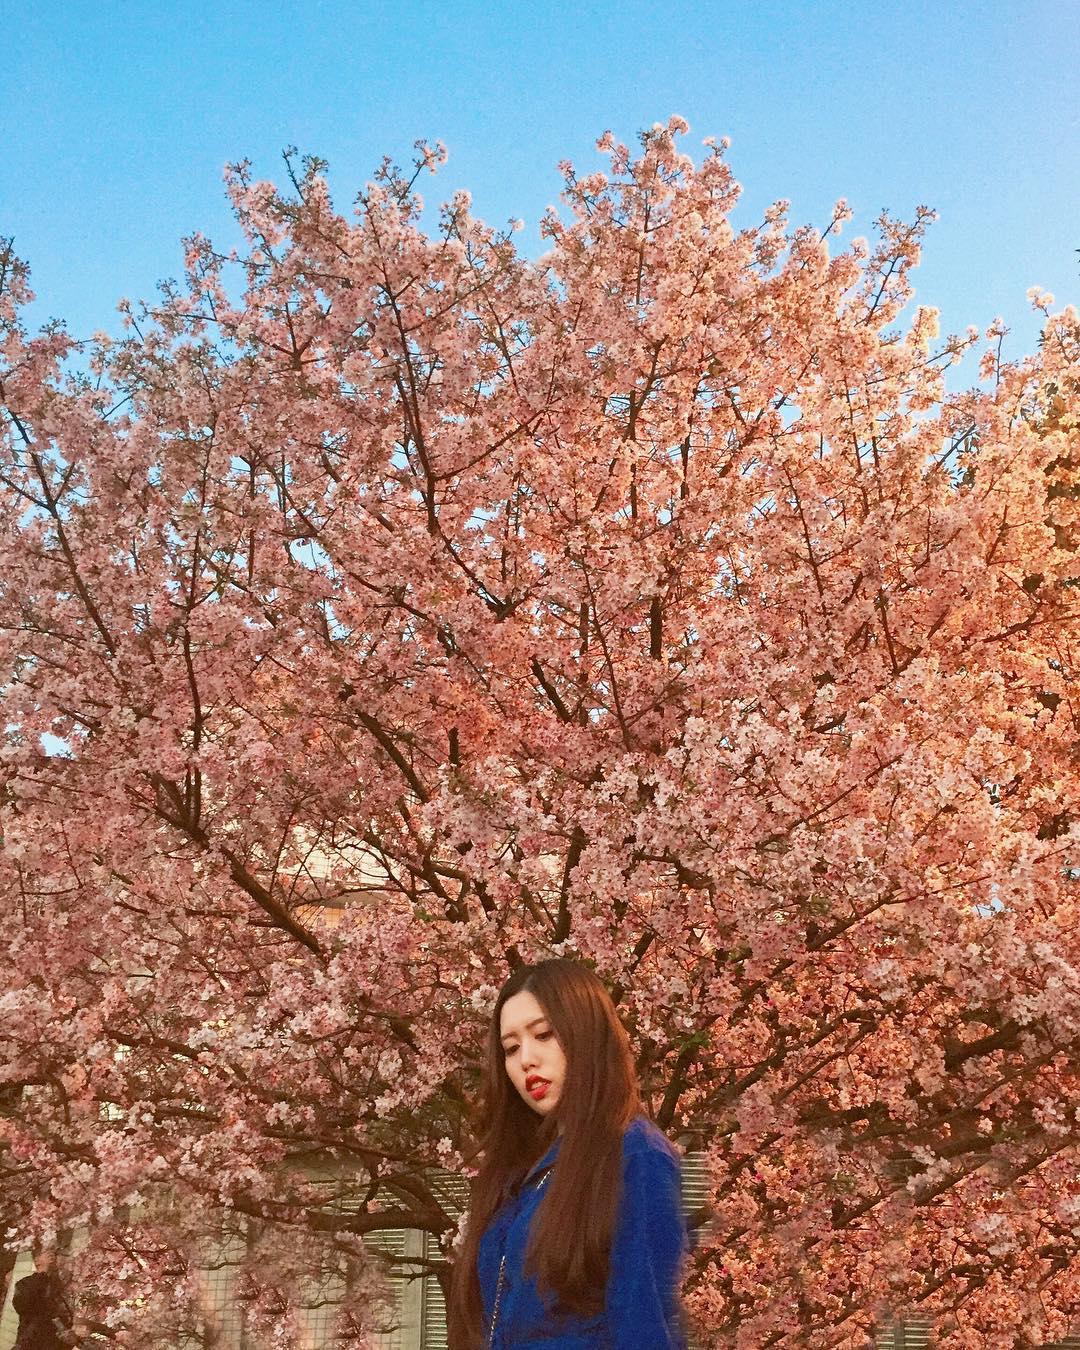 18 địa điểm ngắm hoa anh đào bạn không thể bỏ lỡ mùa xuân này 28